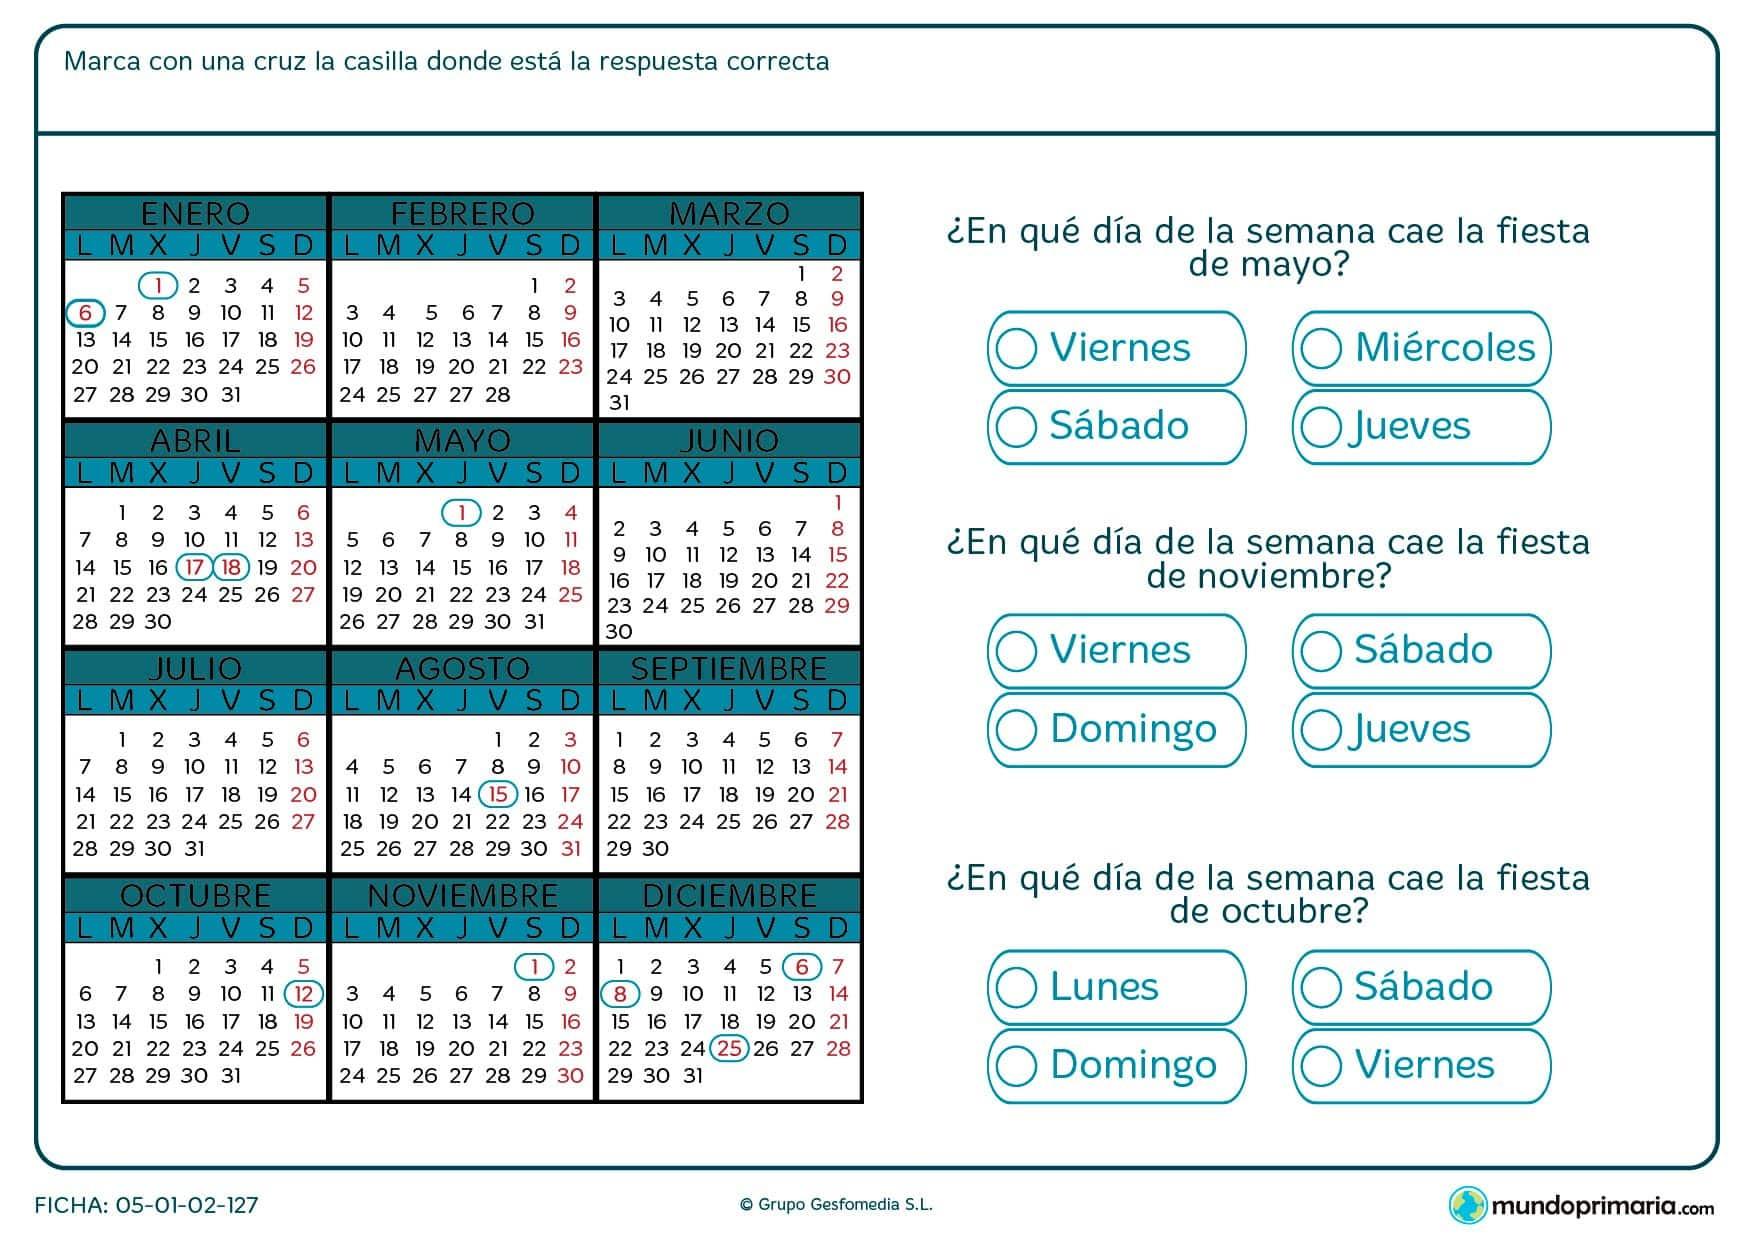 Ficha de leer calendario en la que has de localizar días de fiesta y nombrar la fecha en la que se suceden.